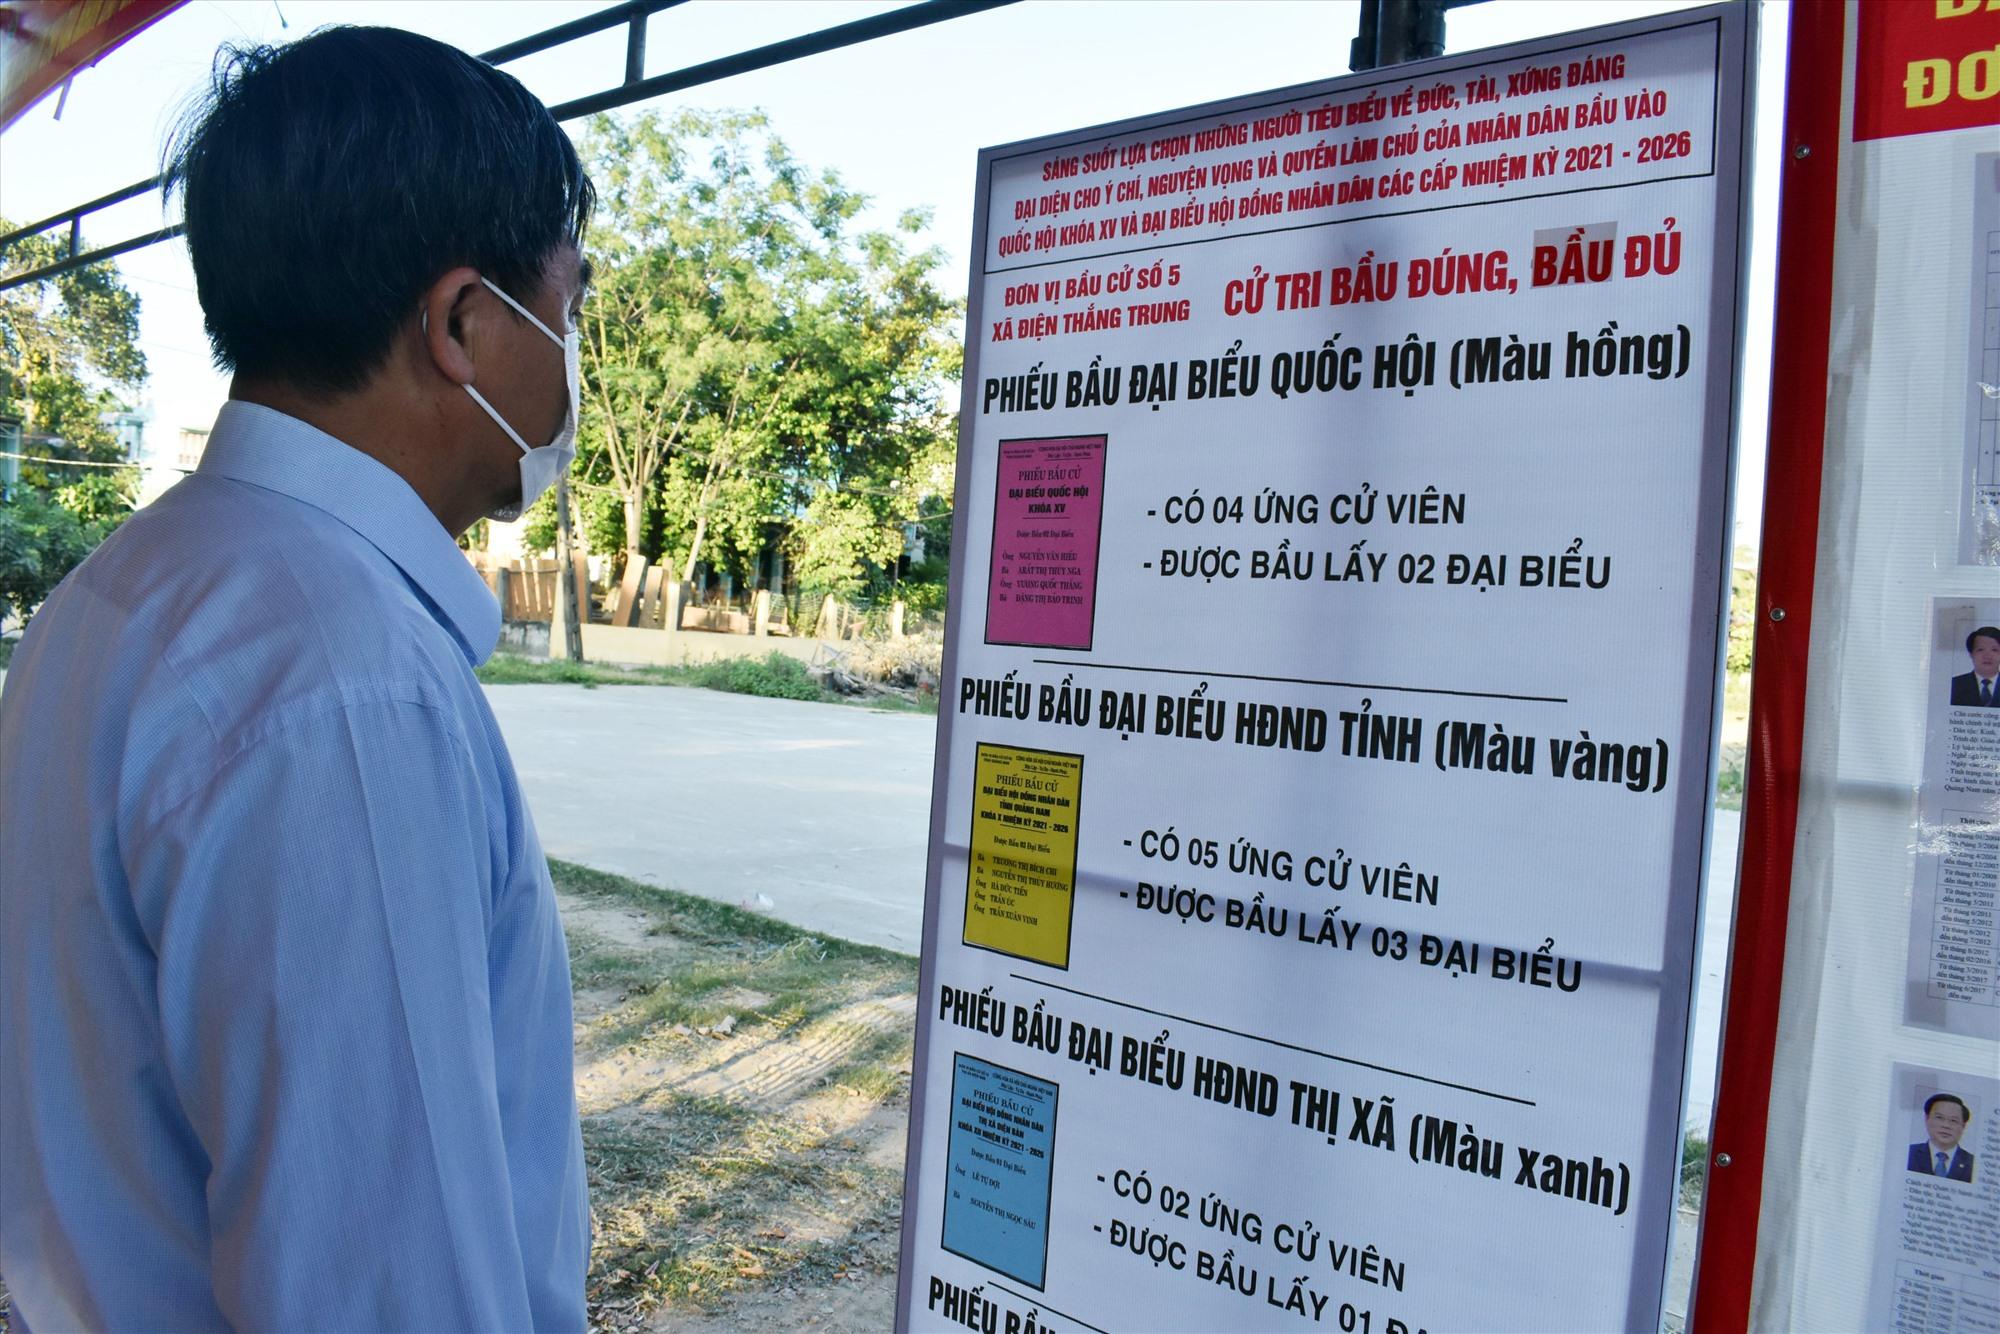 Ủy ban Bầu cử xã Điện Thắng Trung, Điện Bàn, in pa nô màu các ứng cử viên cho cử tri dễ lựa chọn - một cách làm hay mới lạ.